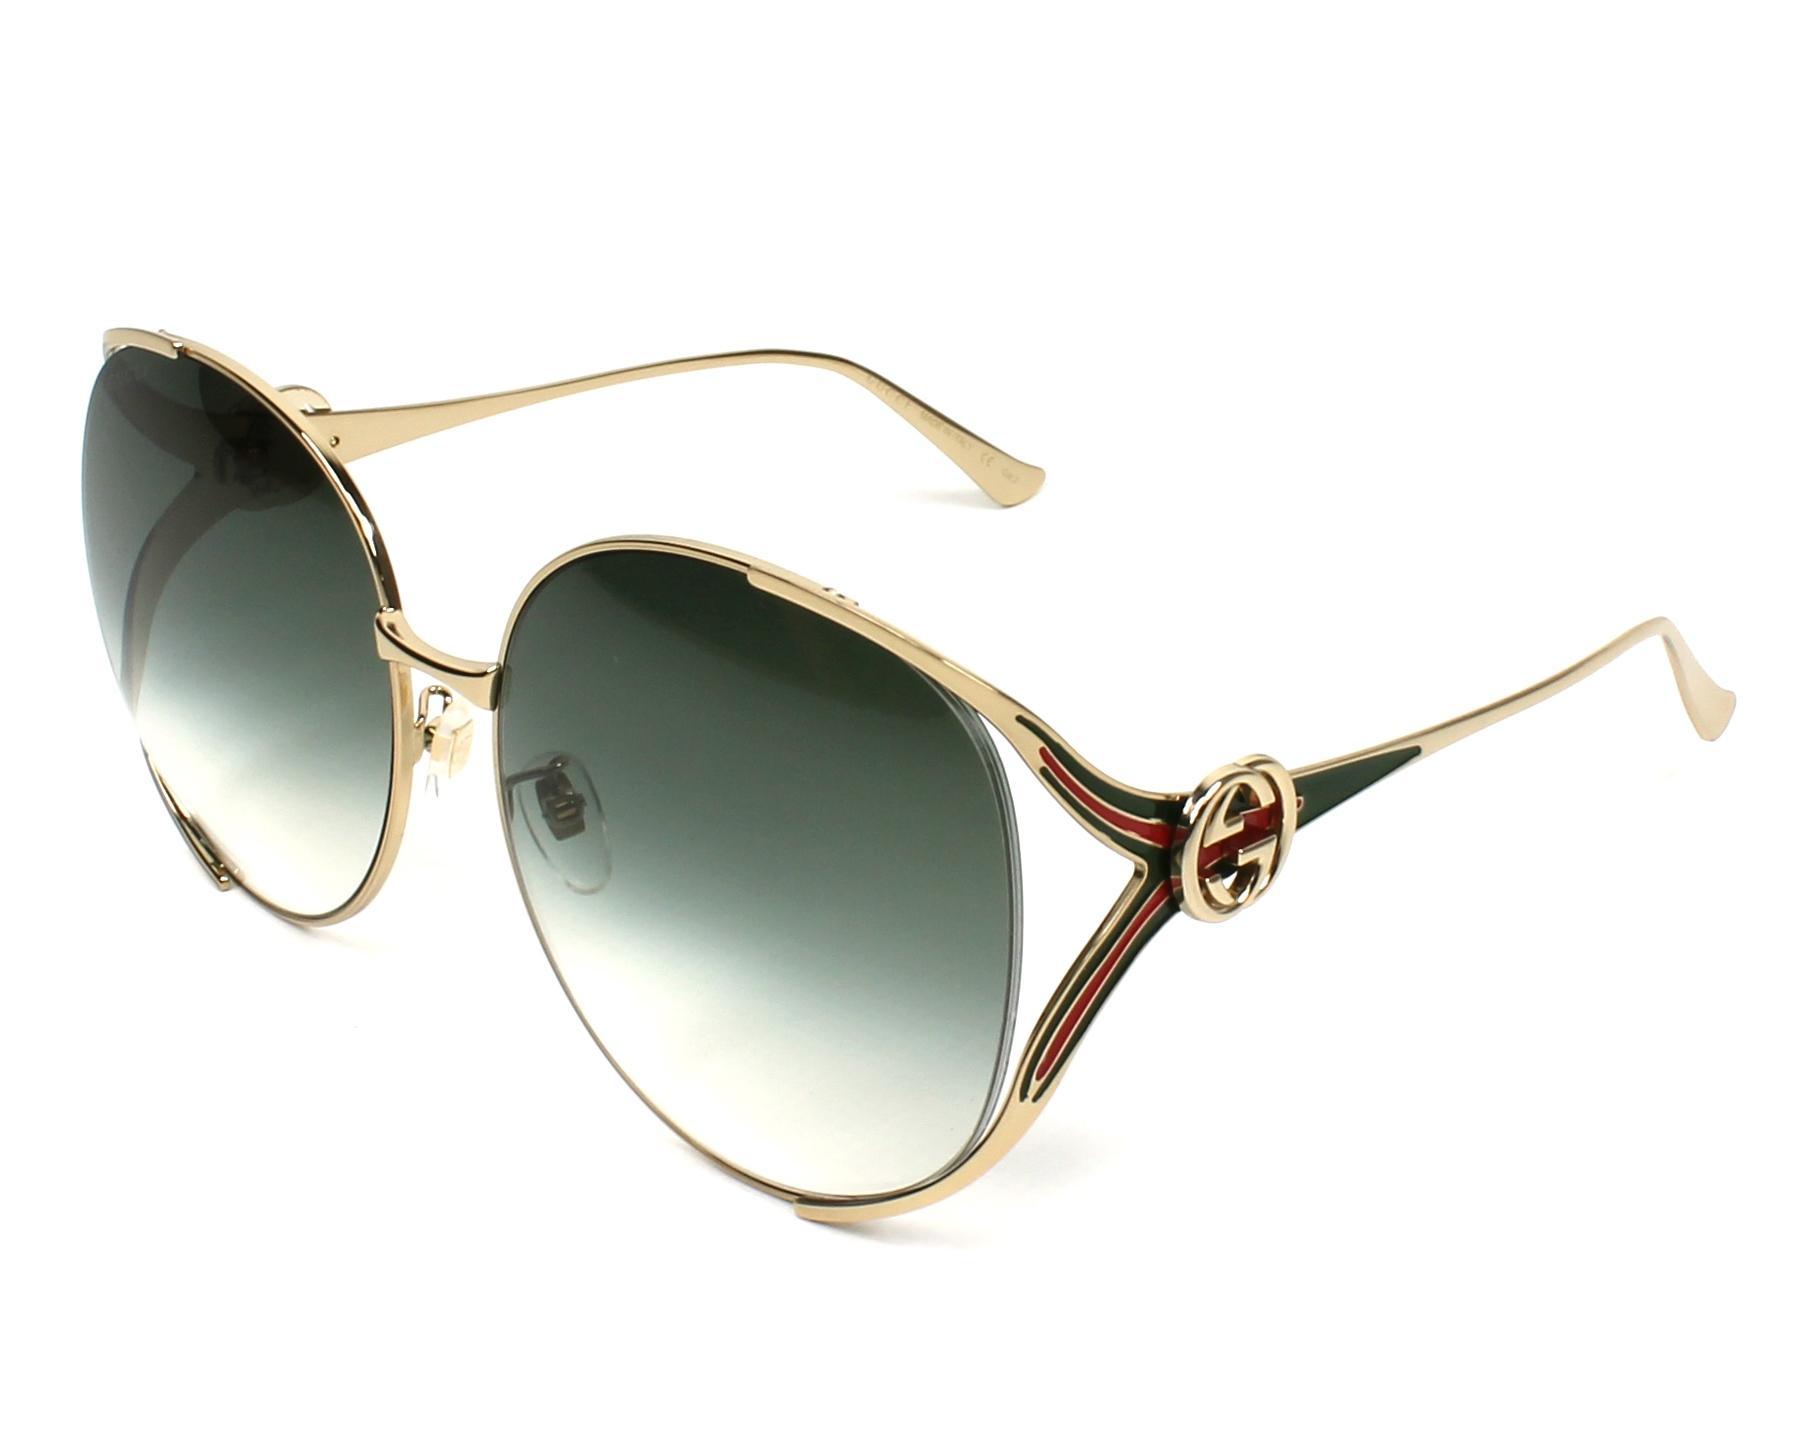 ac3097a6a00 Sunglasses Gucci GG-0225-S 003 63-17 Gold Green profile view